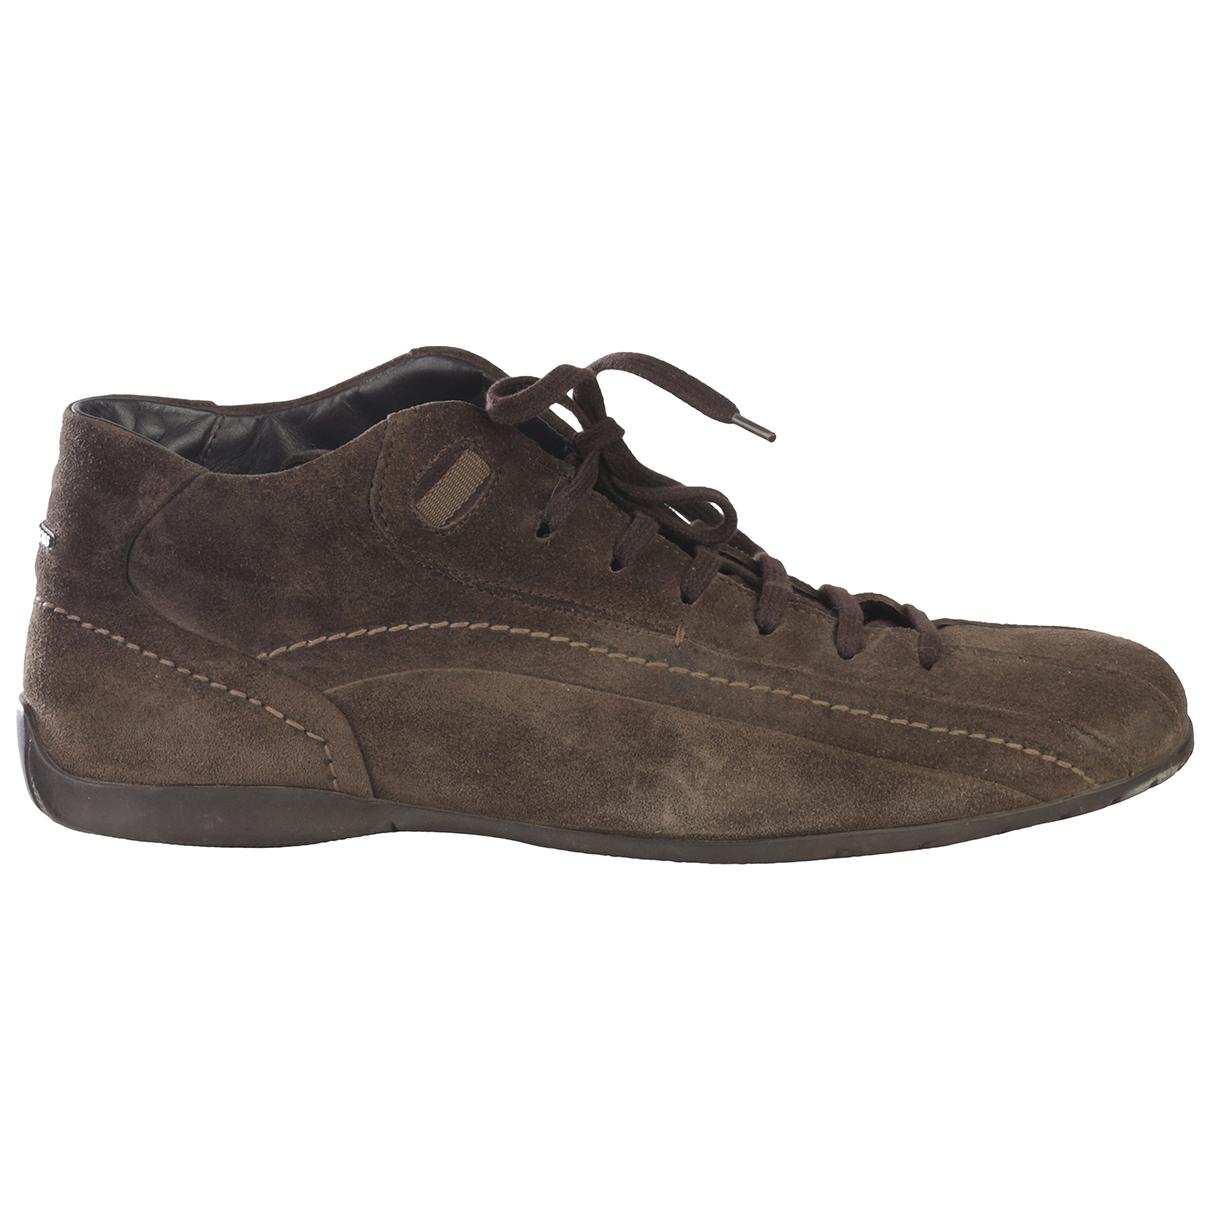 Hugo Boss - Bottes.Boots   pour homme en suede - kaki